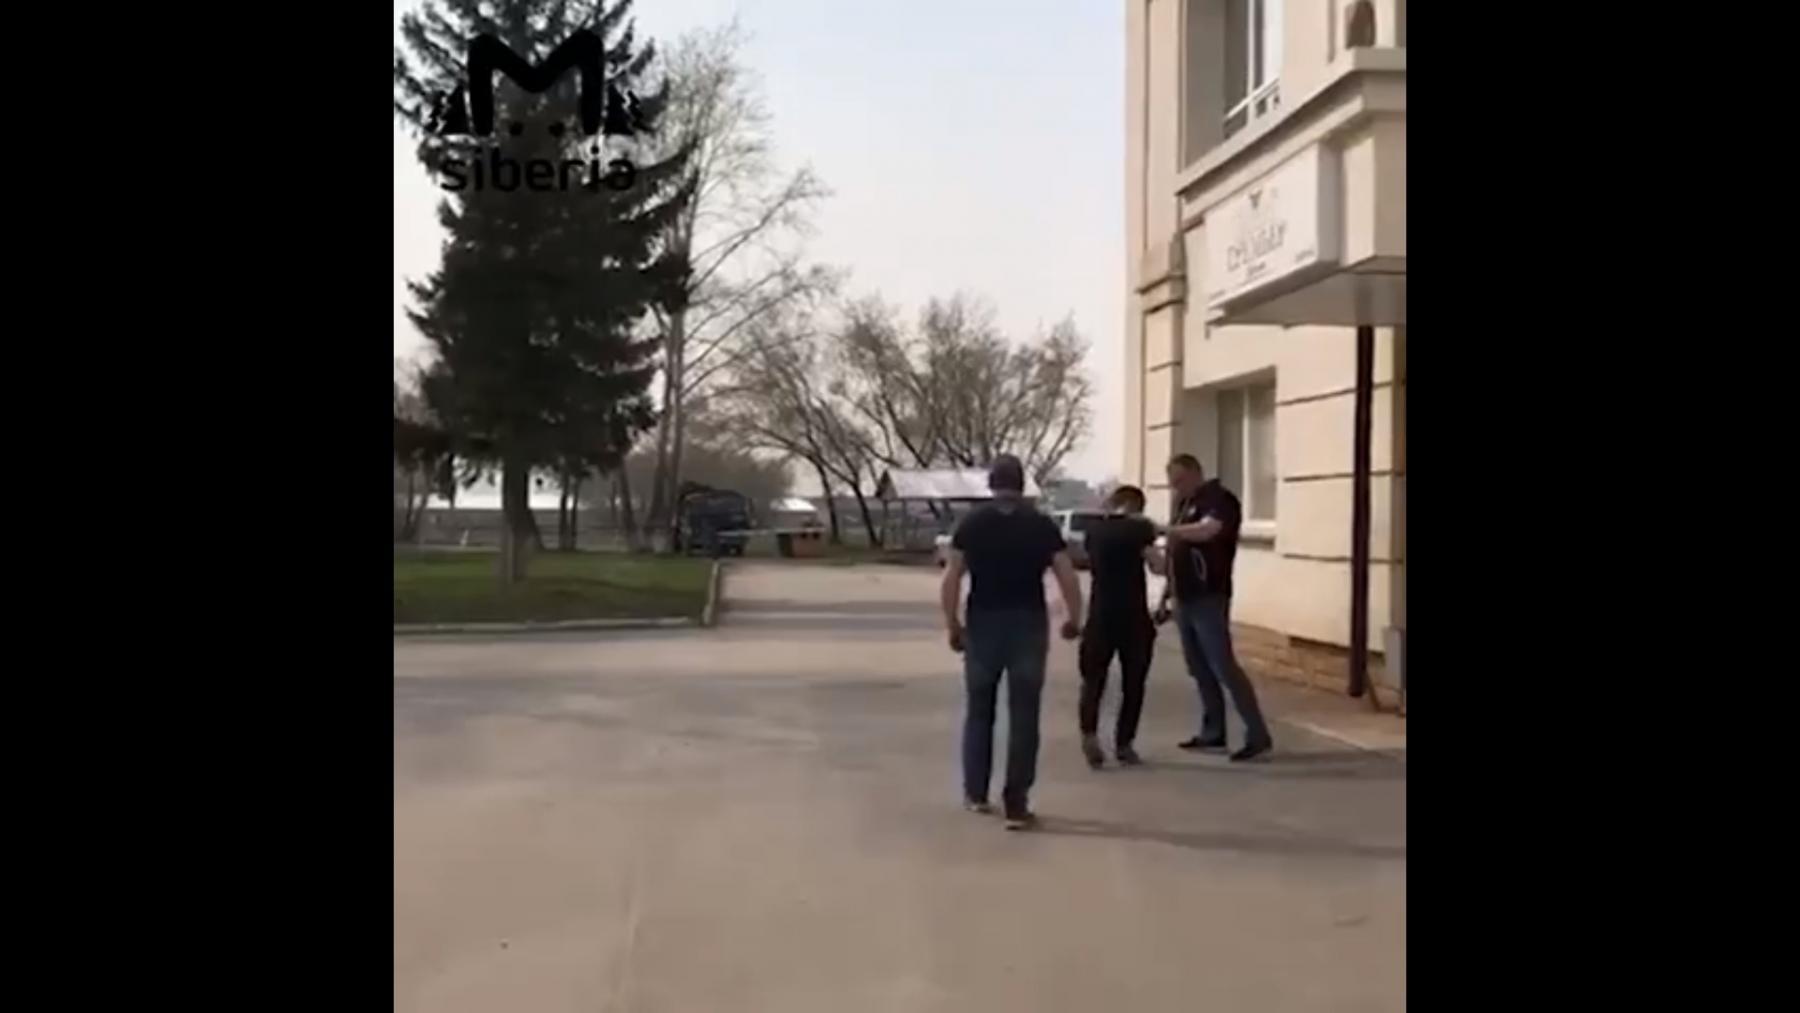 фото Сибирячка обвинила замдиректора ипподрома Новосибирска в избиении из-за коня 2